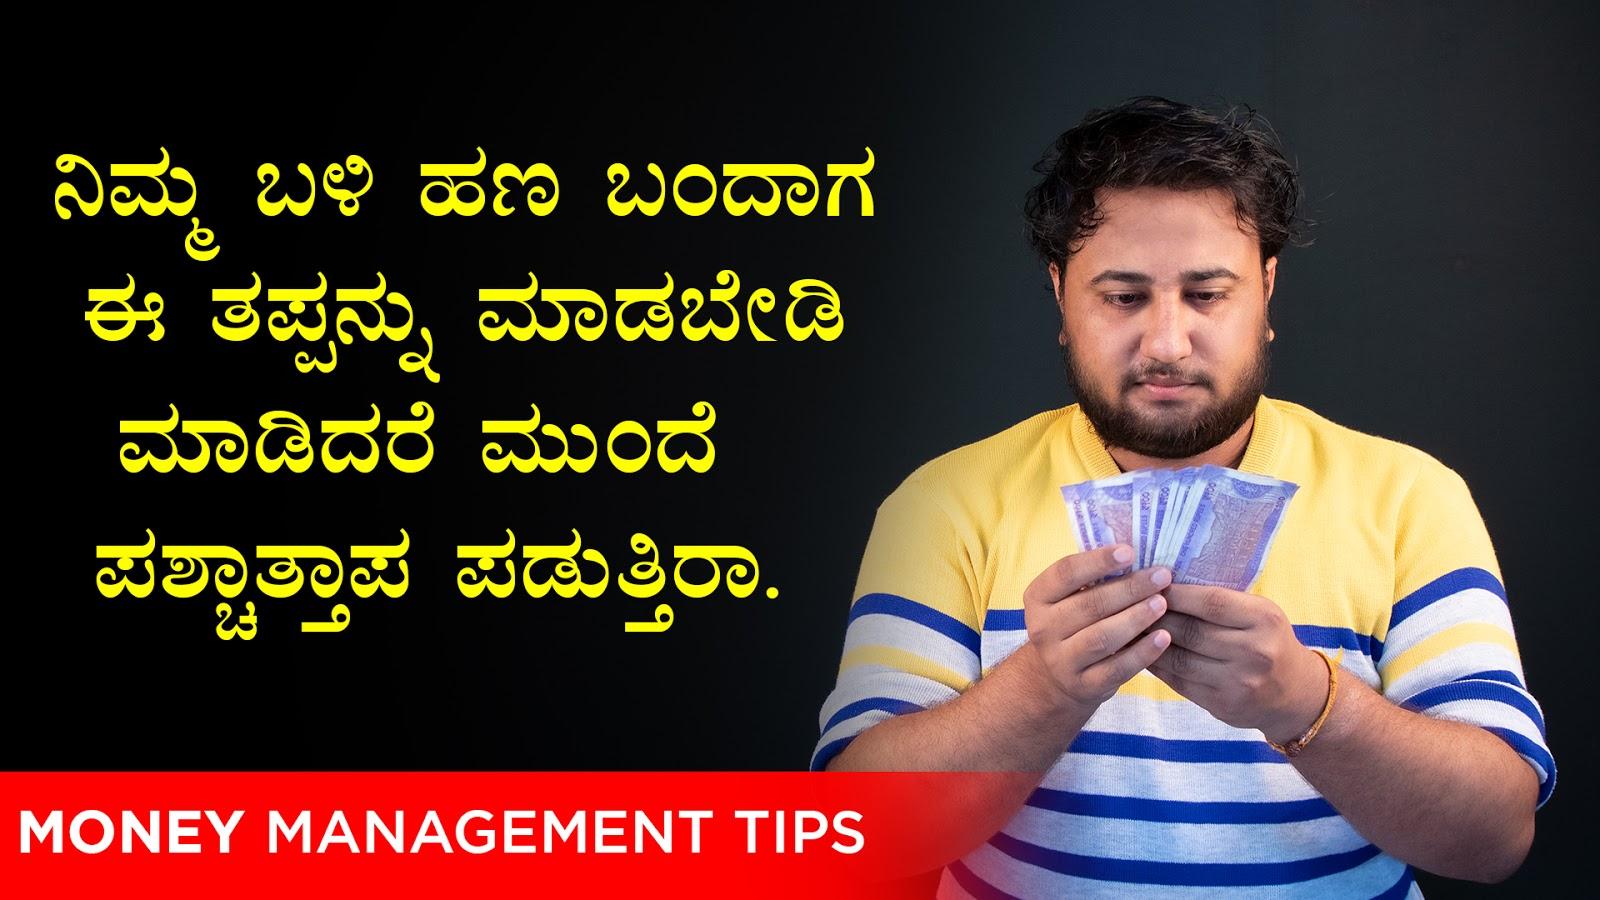 ನಿಮ್ಮ ಬಳಿ ಹಣ ಬಂದಾಗ ಈ ತಪ್ಪನ್ನು ಮಾಡಬೇಡಿ : ಮಾಡಿದರೆ ಮುಂದೆ ಪಶ್ಚಾತ್ತಾಪ ಪಡುತ್ತಿರಾ - Money Management Tips in Kannada